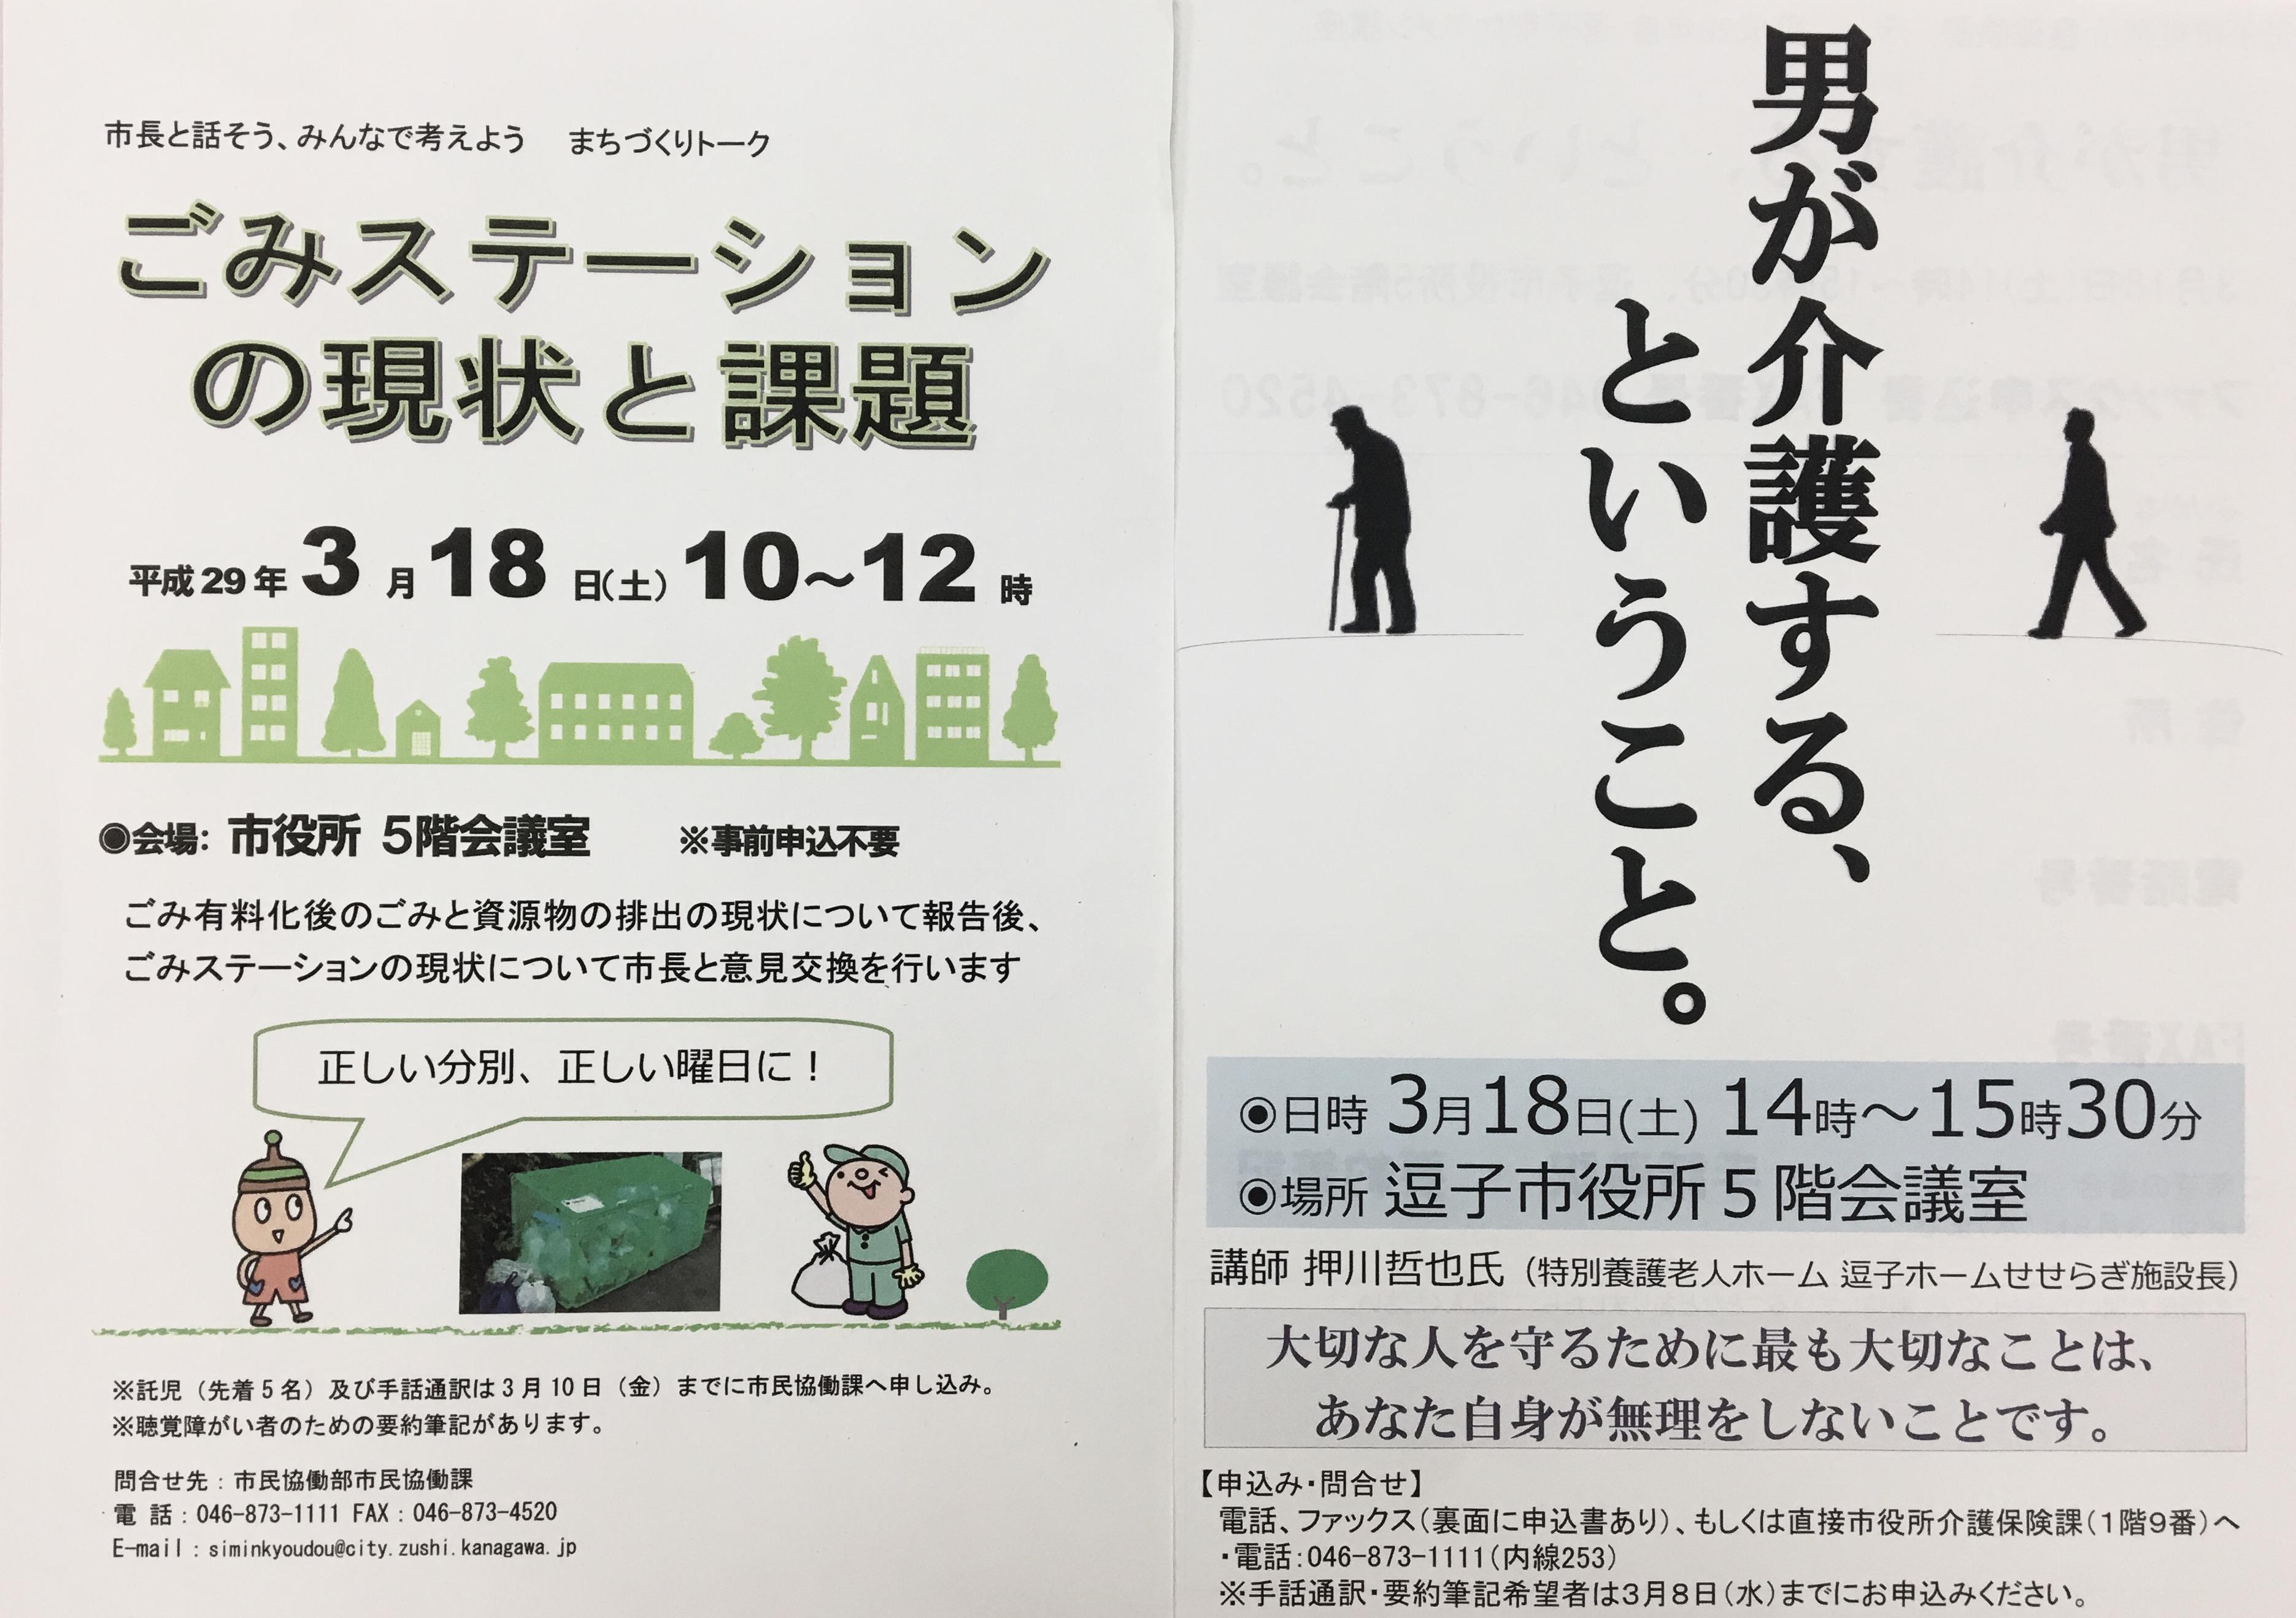 ごみステ・ケアメン&3月のイベント情報